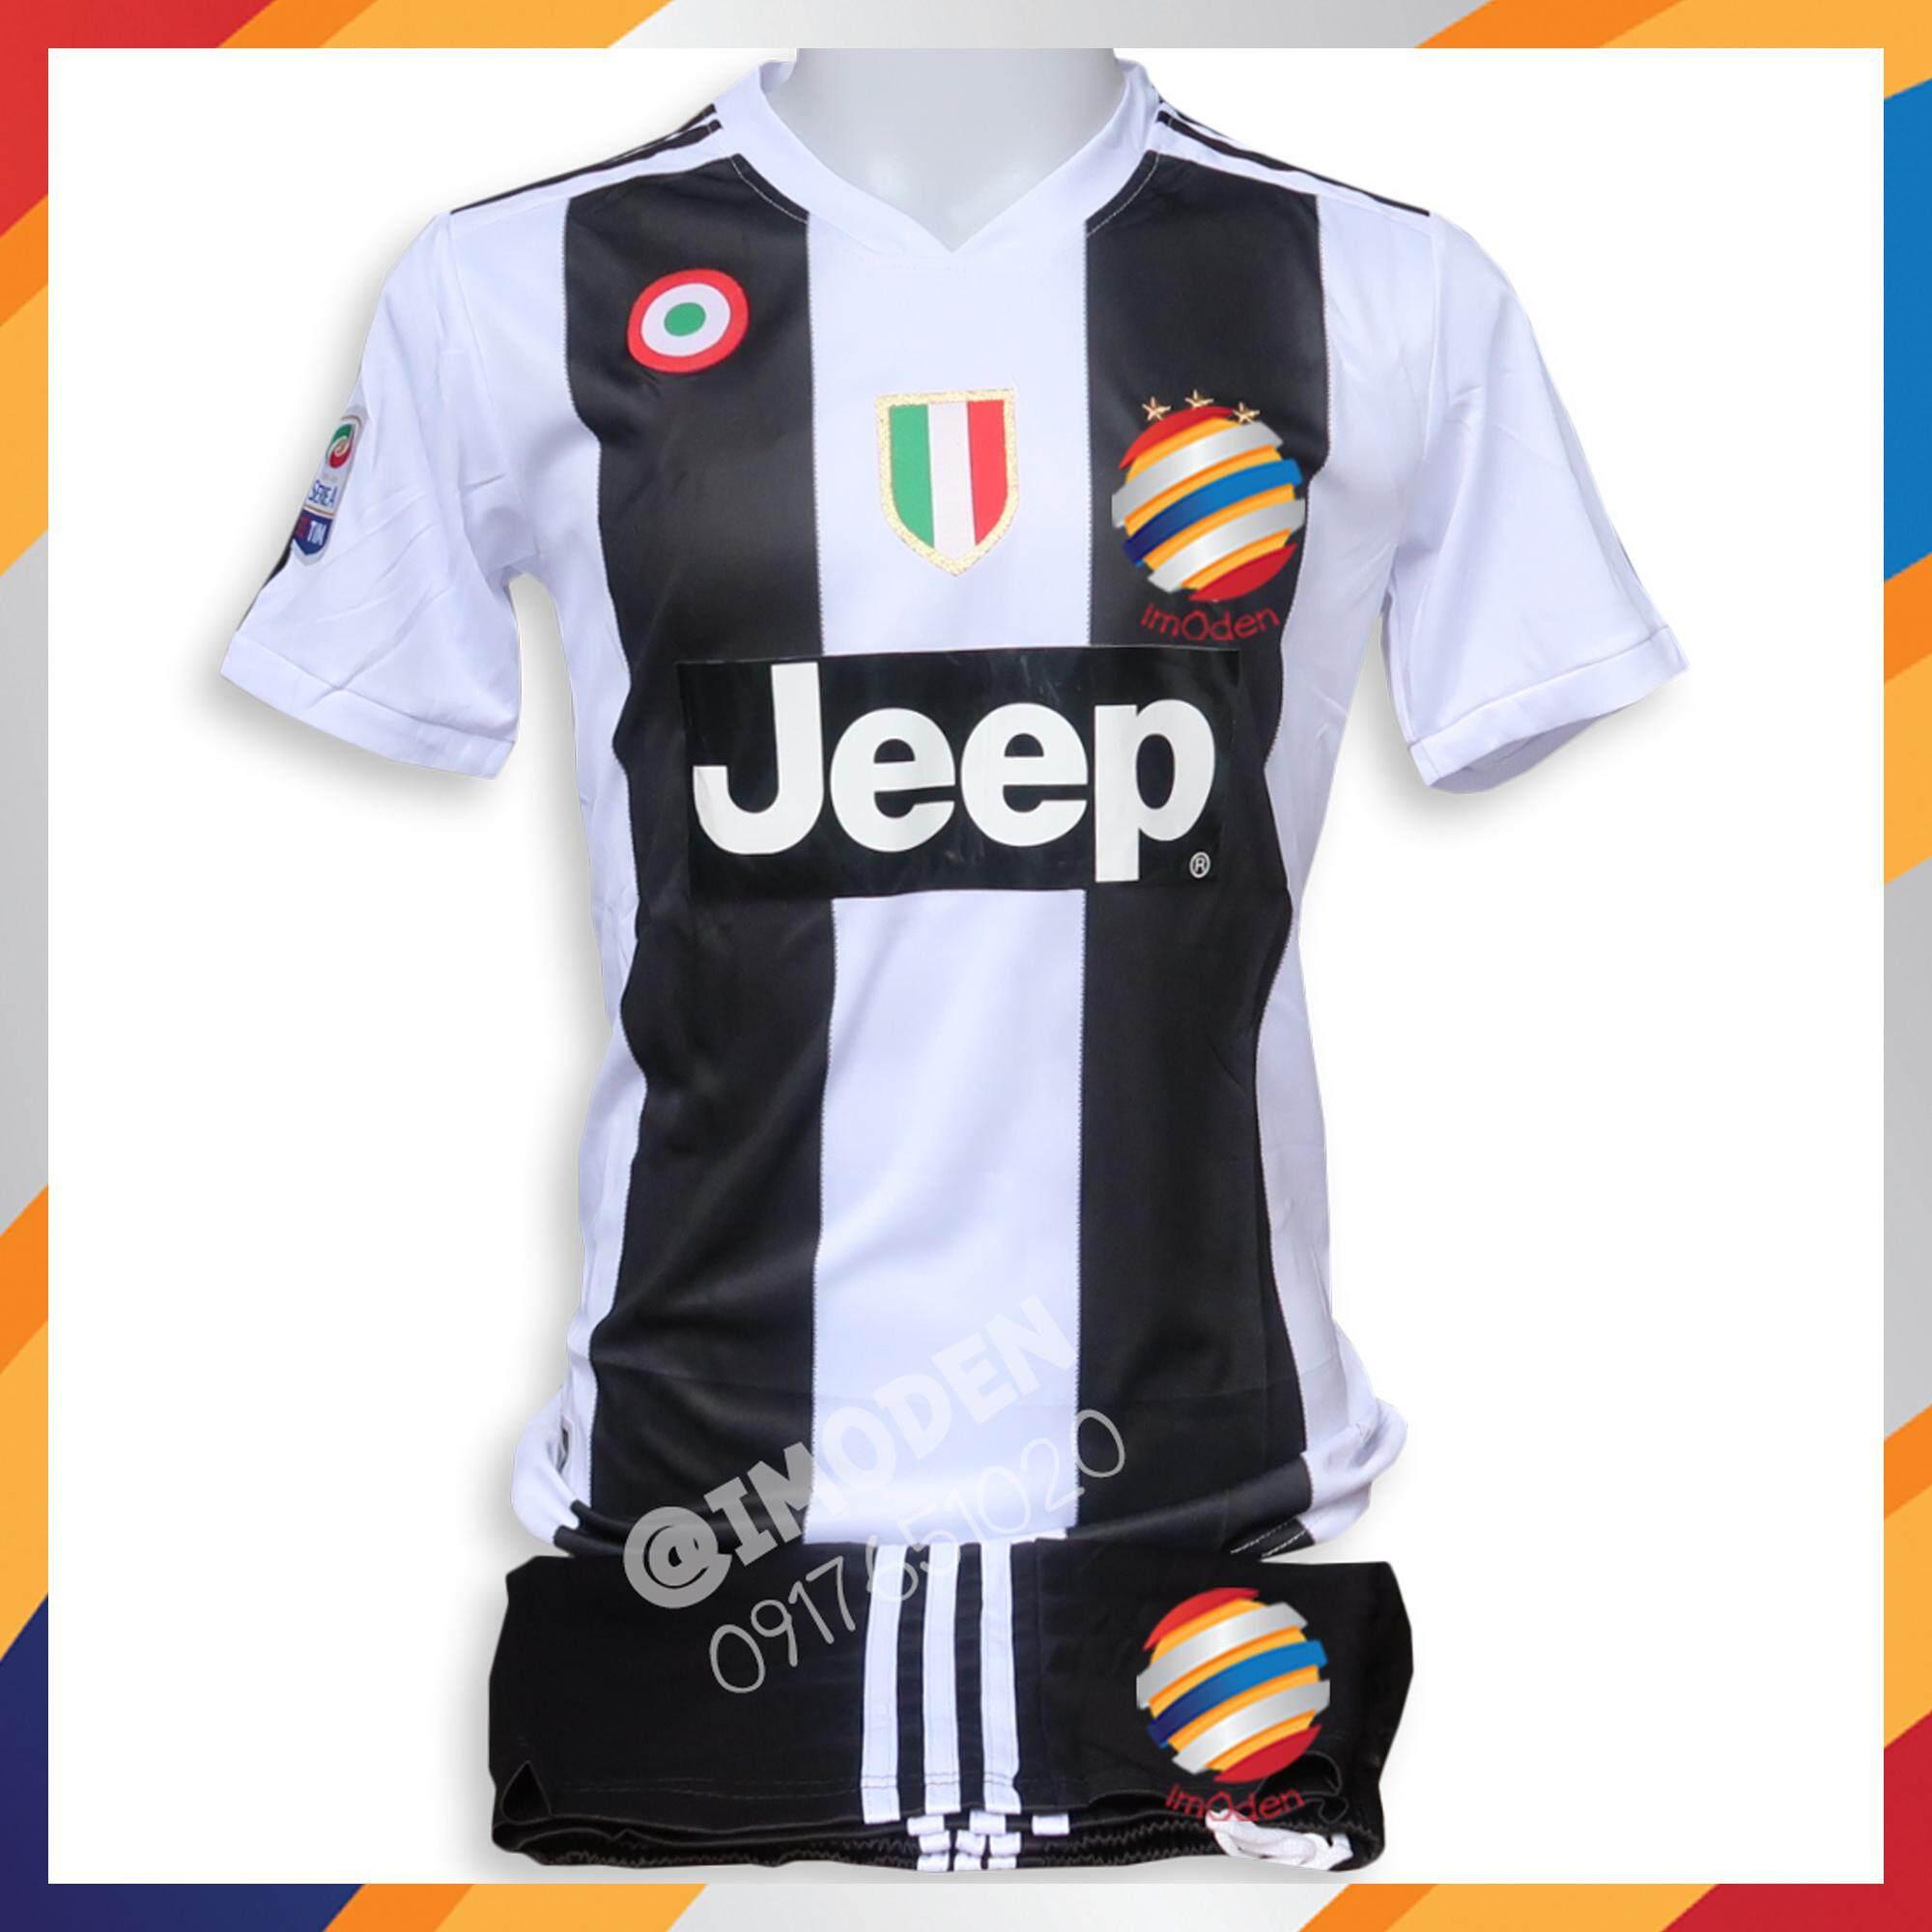 ชุดฟุตบอล เสื้อ+กางเกง ผู้ใหญ่ สีขาวดำ Juv001 By Imoden.